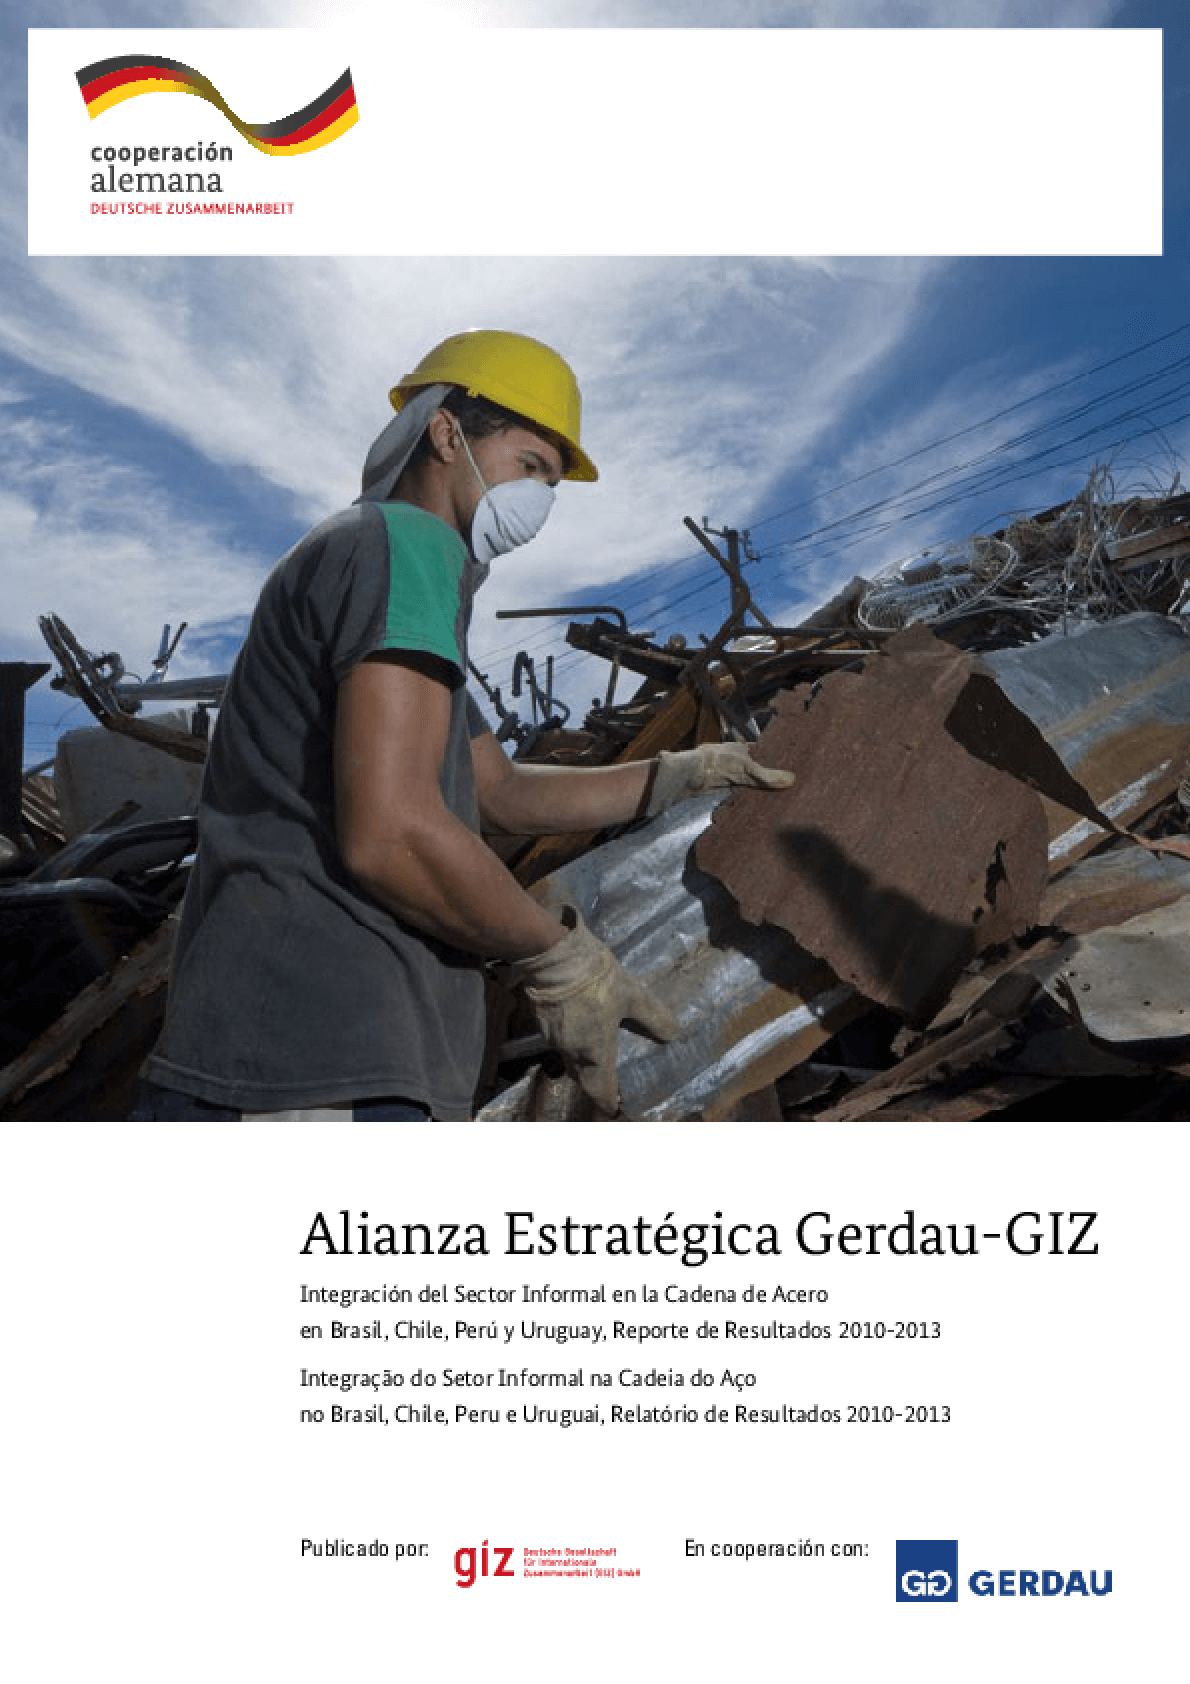 Alianza Estratégica Gerdau-GIZ: Integração do setor informal na cadeia do aço no Brasil, Chile, Peru e Uruguai, relatório de resultados 2010-2013